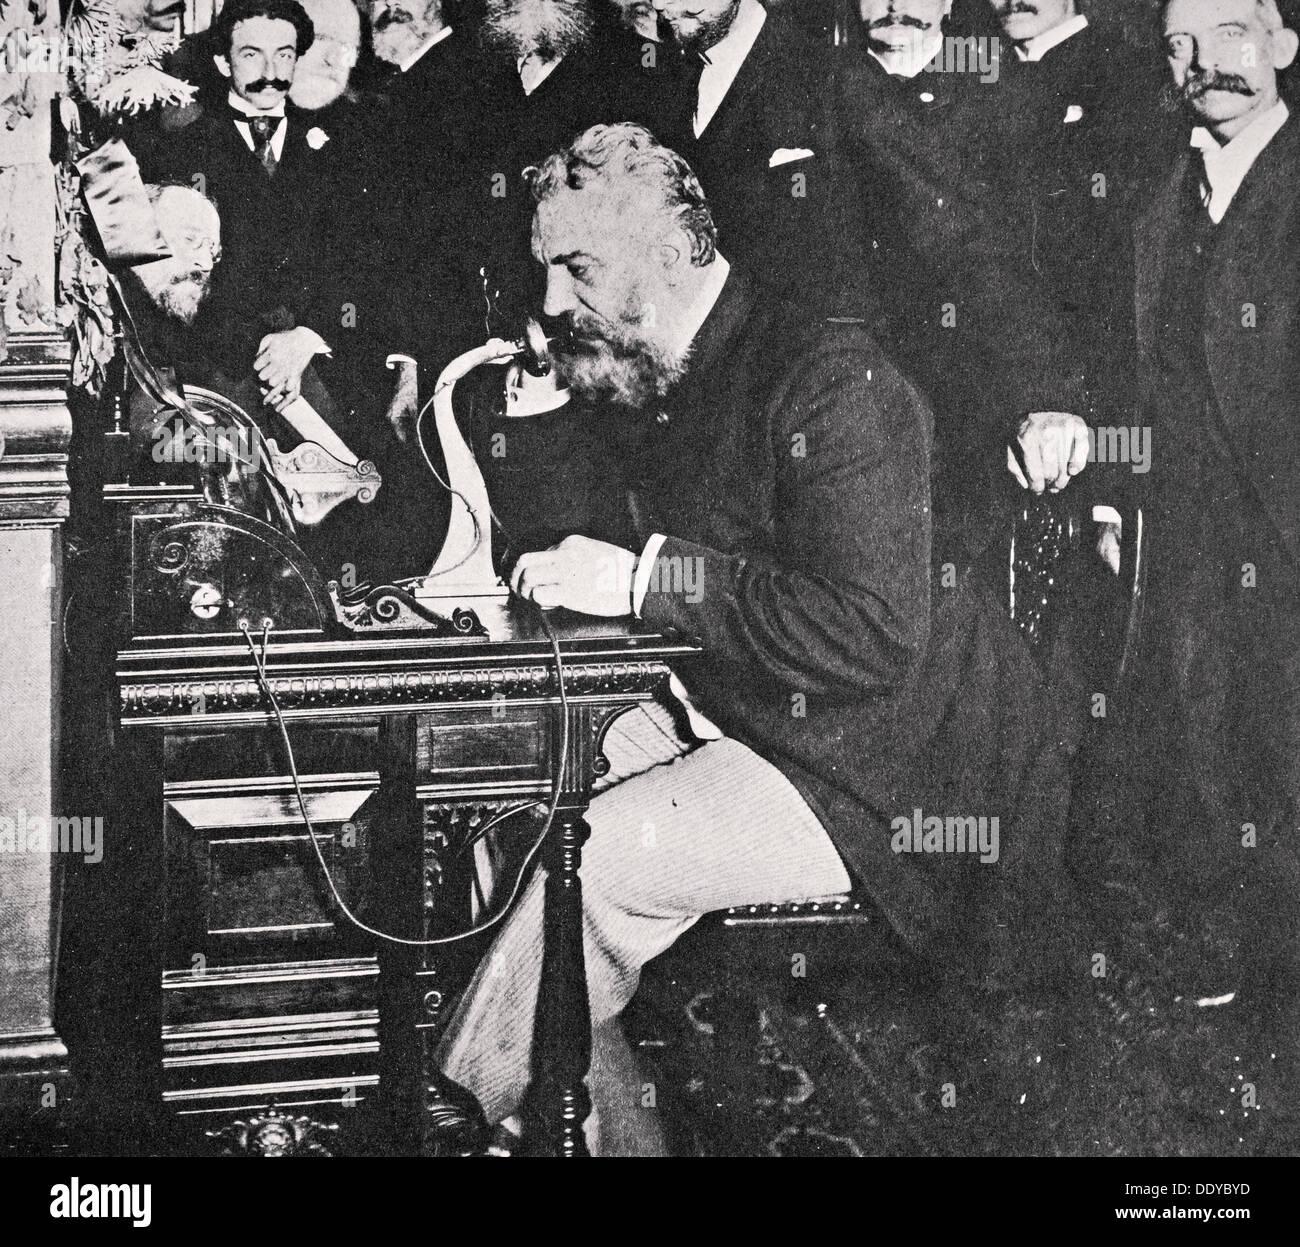 Alexander Graham Bell realiza la primera llamada telefónica entre Nueva York y Chicago, EE.UU., 1892. Artista: Desconocido Imagen De Stock